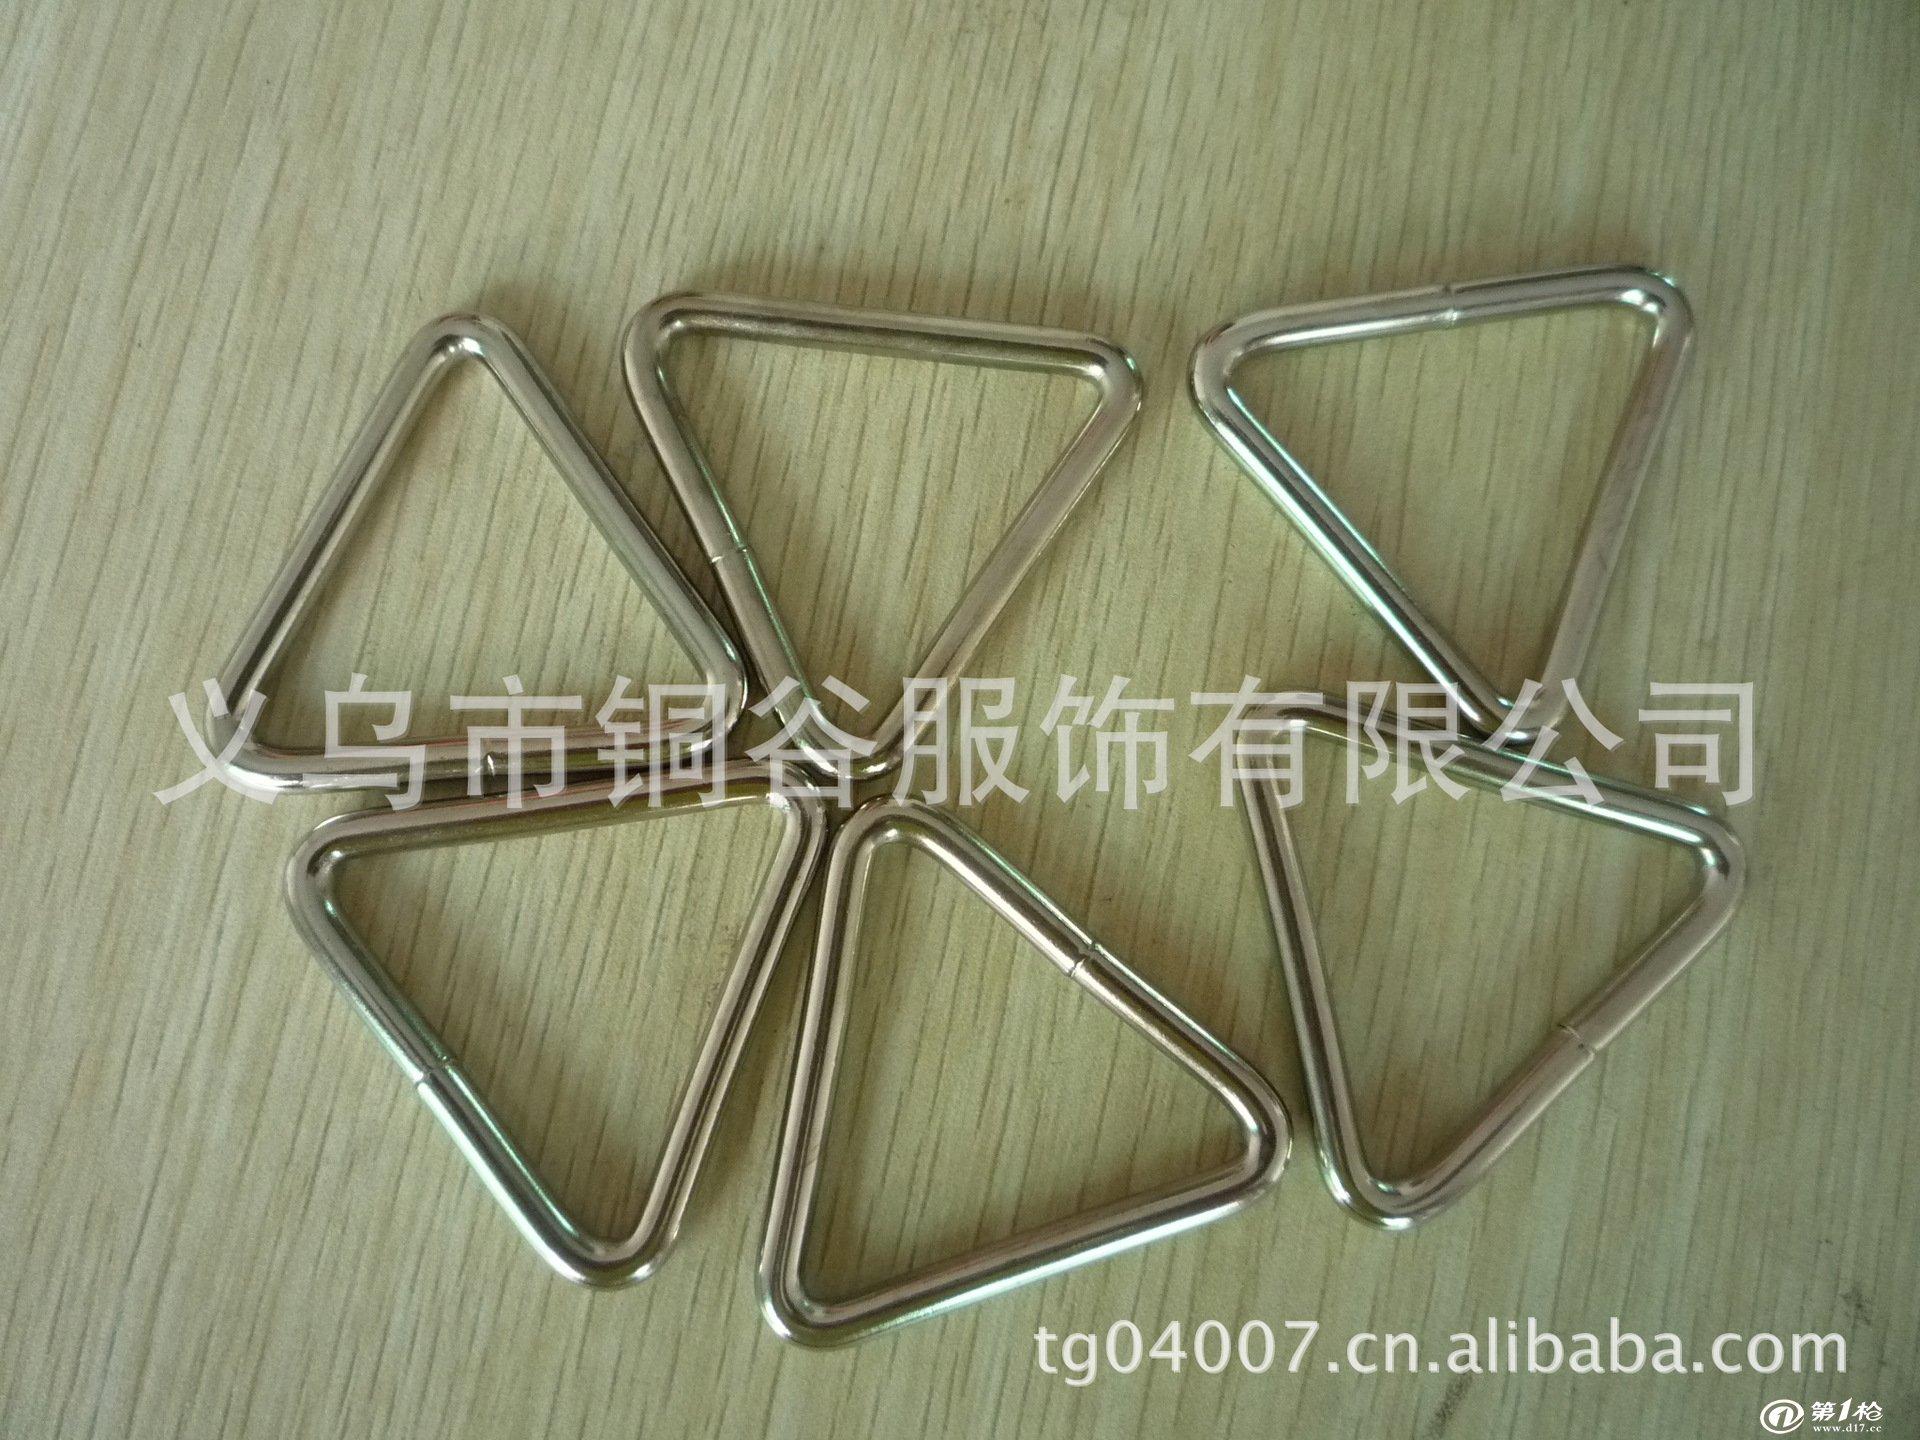 铁环组合设计图纸